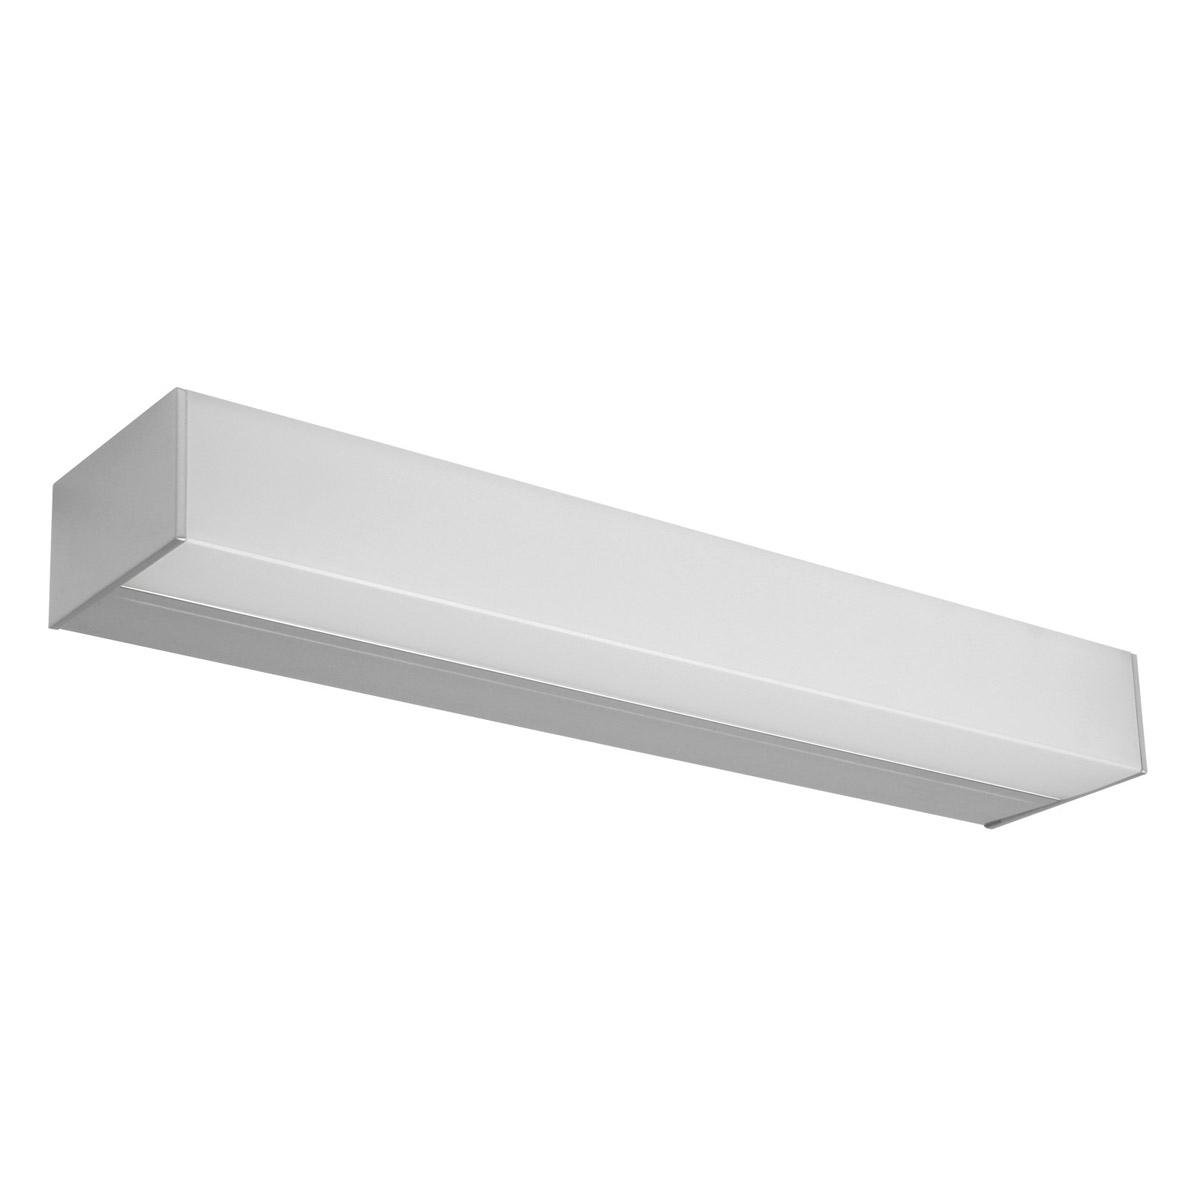 Linea Light LED Spiegelleuchte Kioo Appl L600 LED 28W Anodizz, Metallisch, Aluminium, 7907 | Lampen > Badlampen | Metallisch | Aluminium